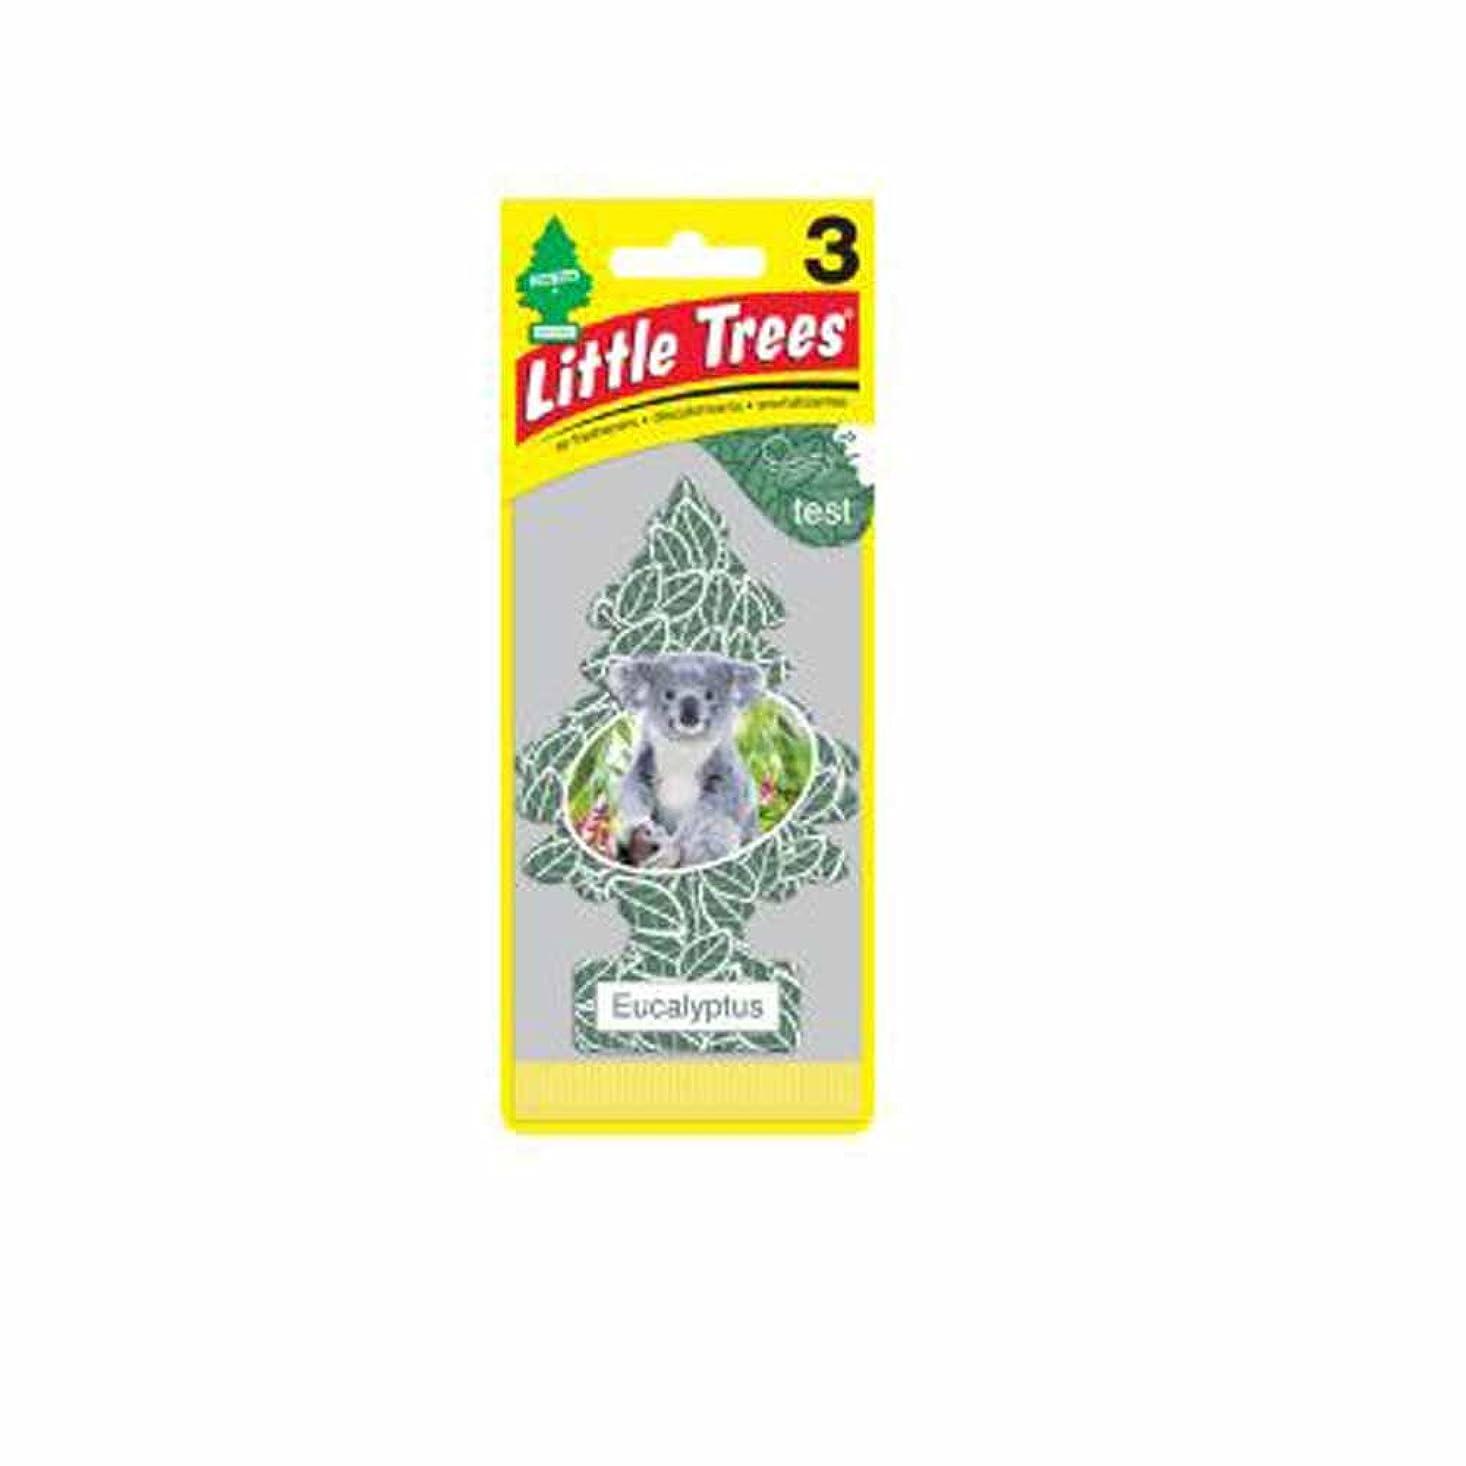 救いサポート雪だるまを作るLittle Trees 吊下げタイプ エアーフレッシュナー eucalyptus(ユーカリ) 3枚セット(3P) U3S-37365